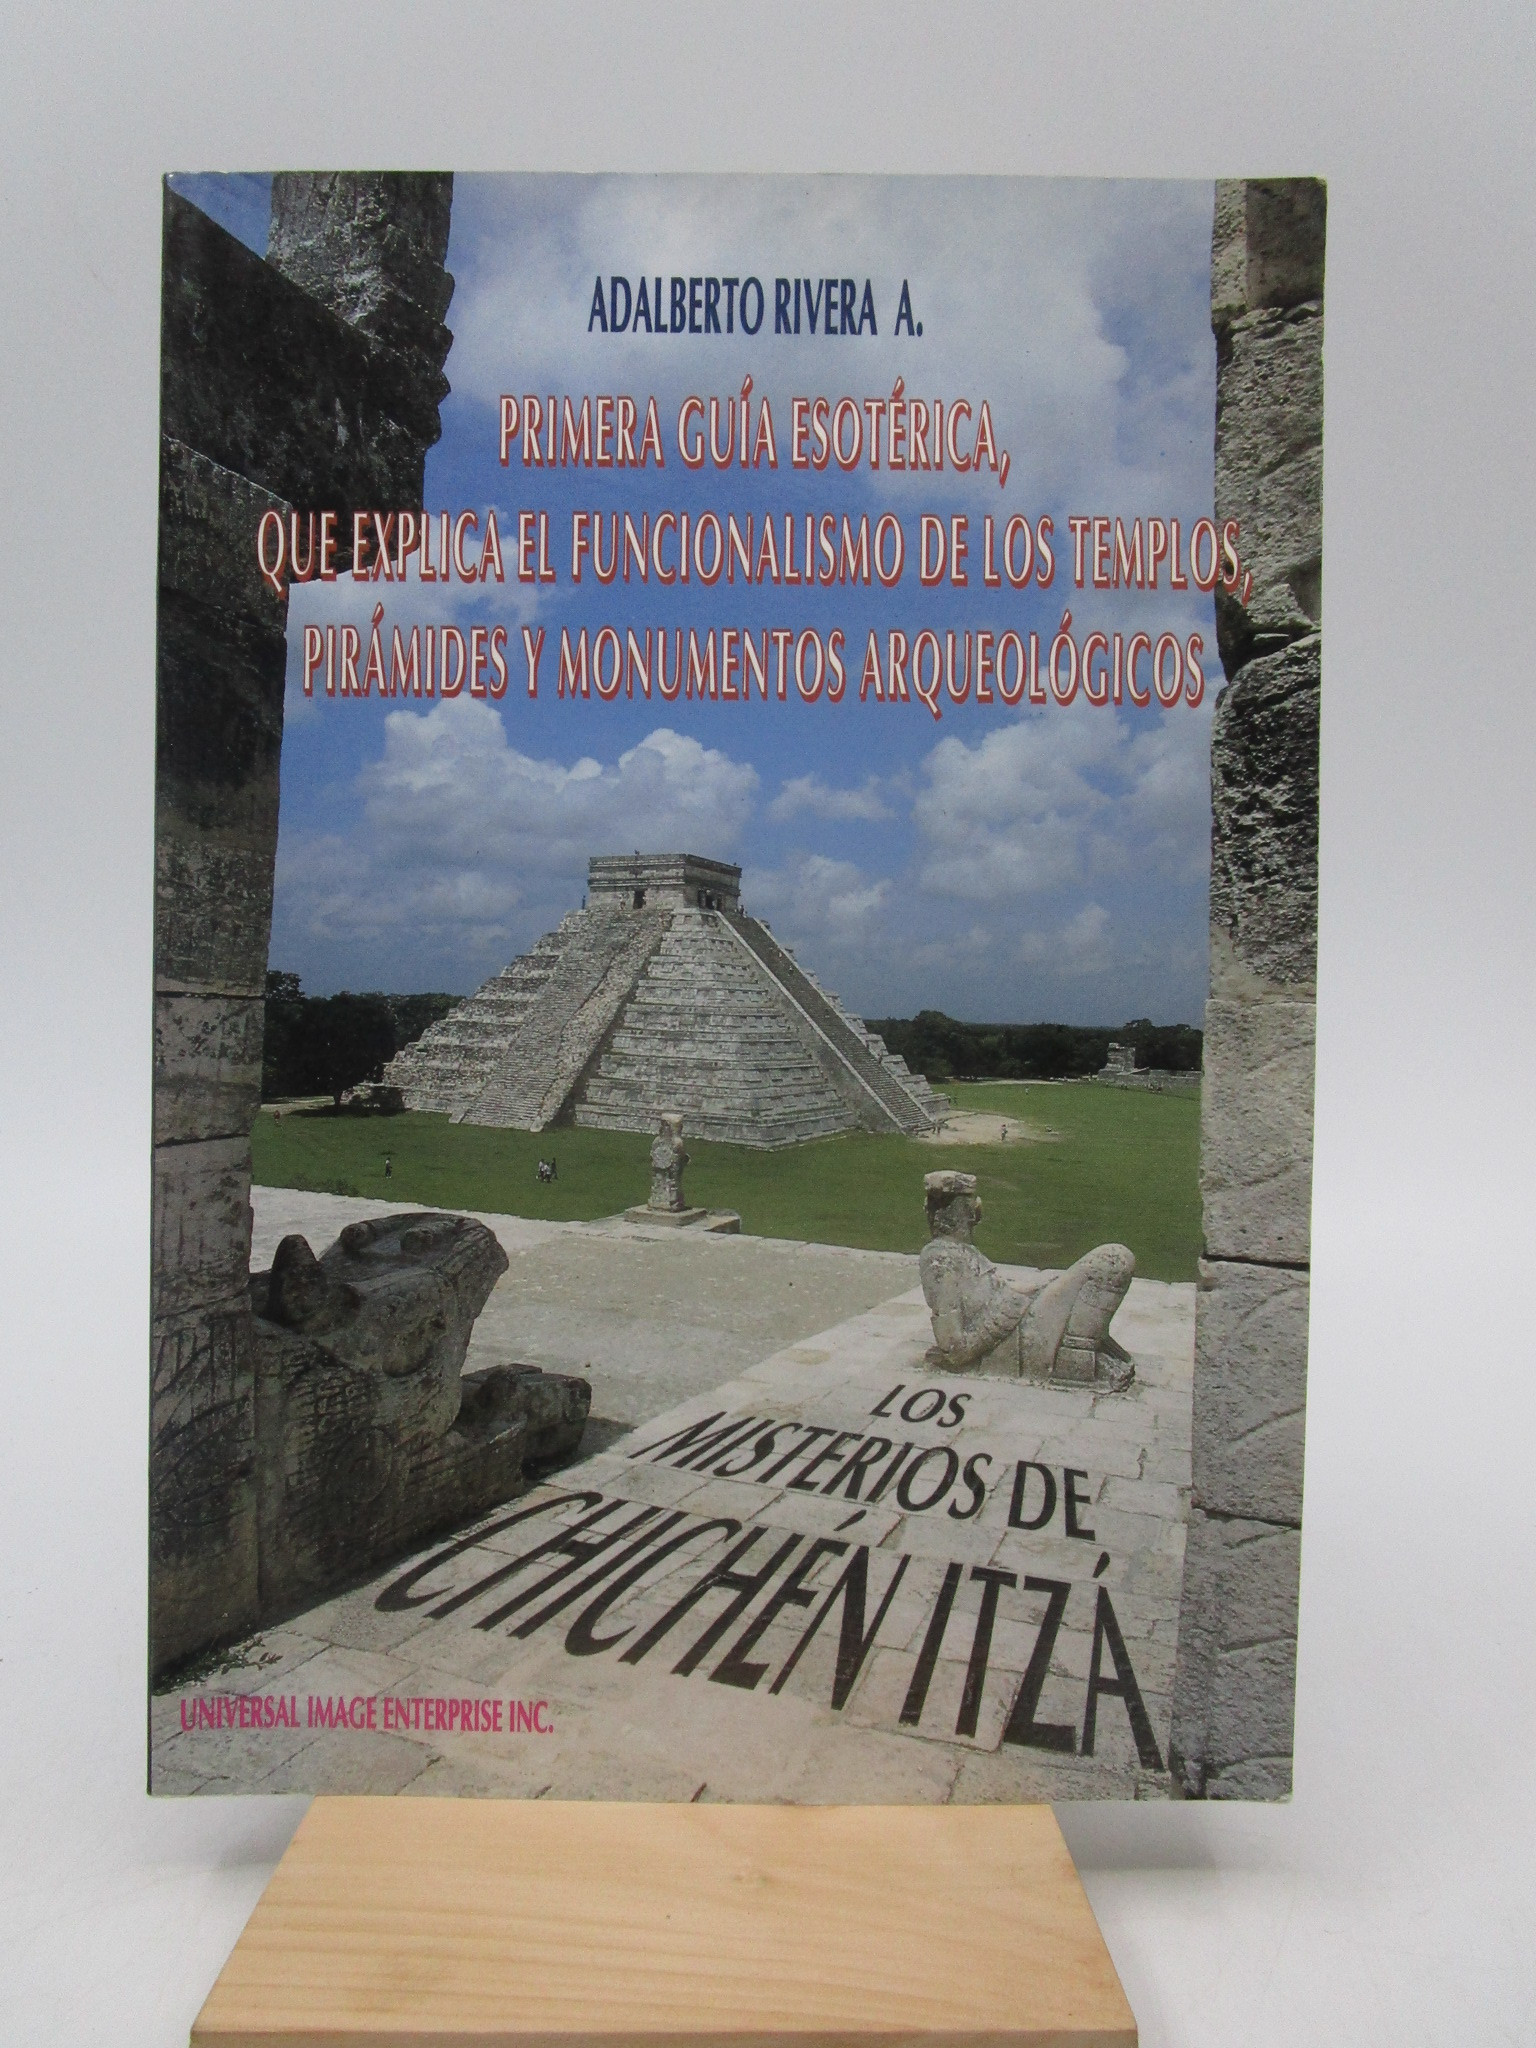 Image for Los misterios de Chichen Itza: Primera guia esoterica, que explical el funcionalismo de los templos, piramides y monumentos arqueologicos